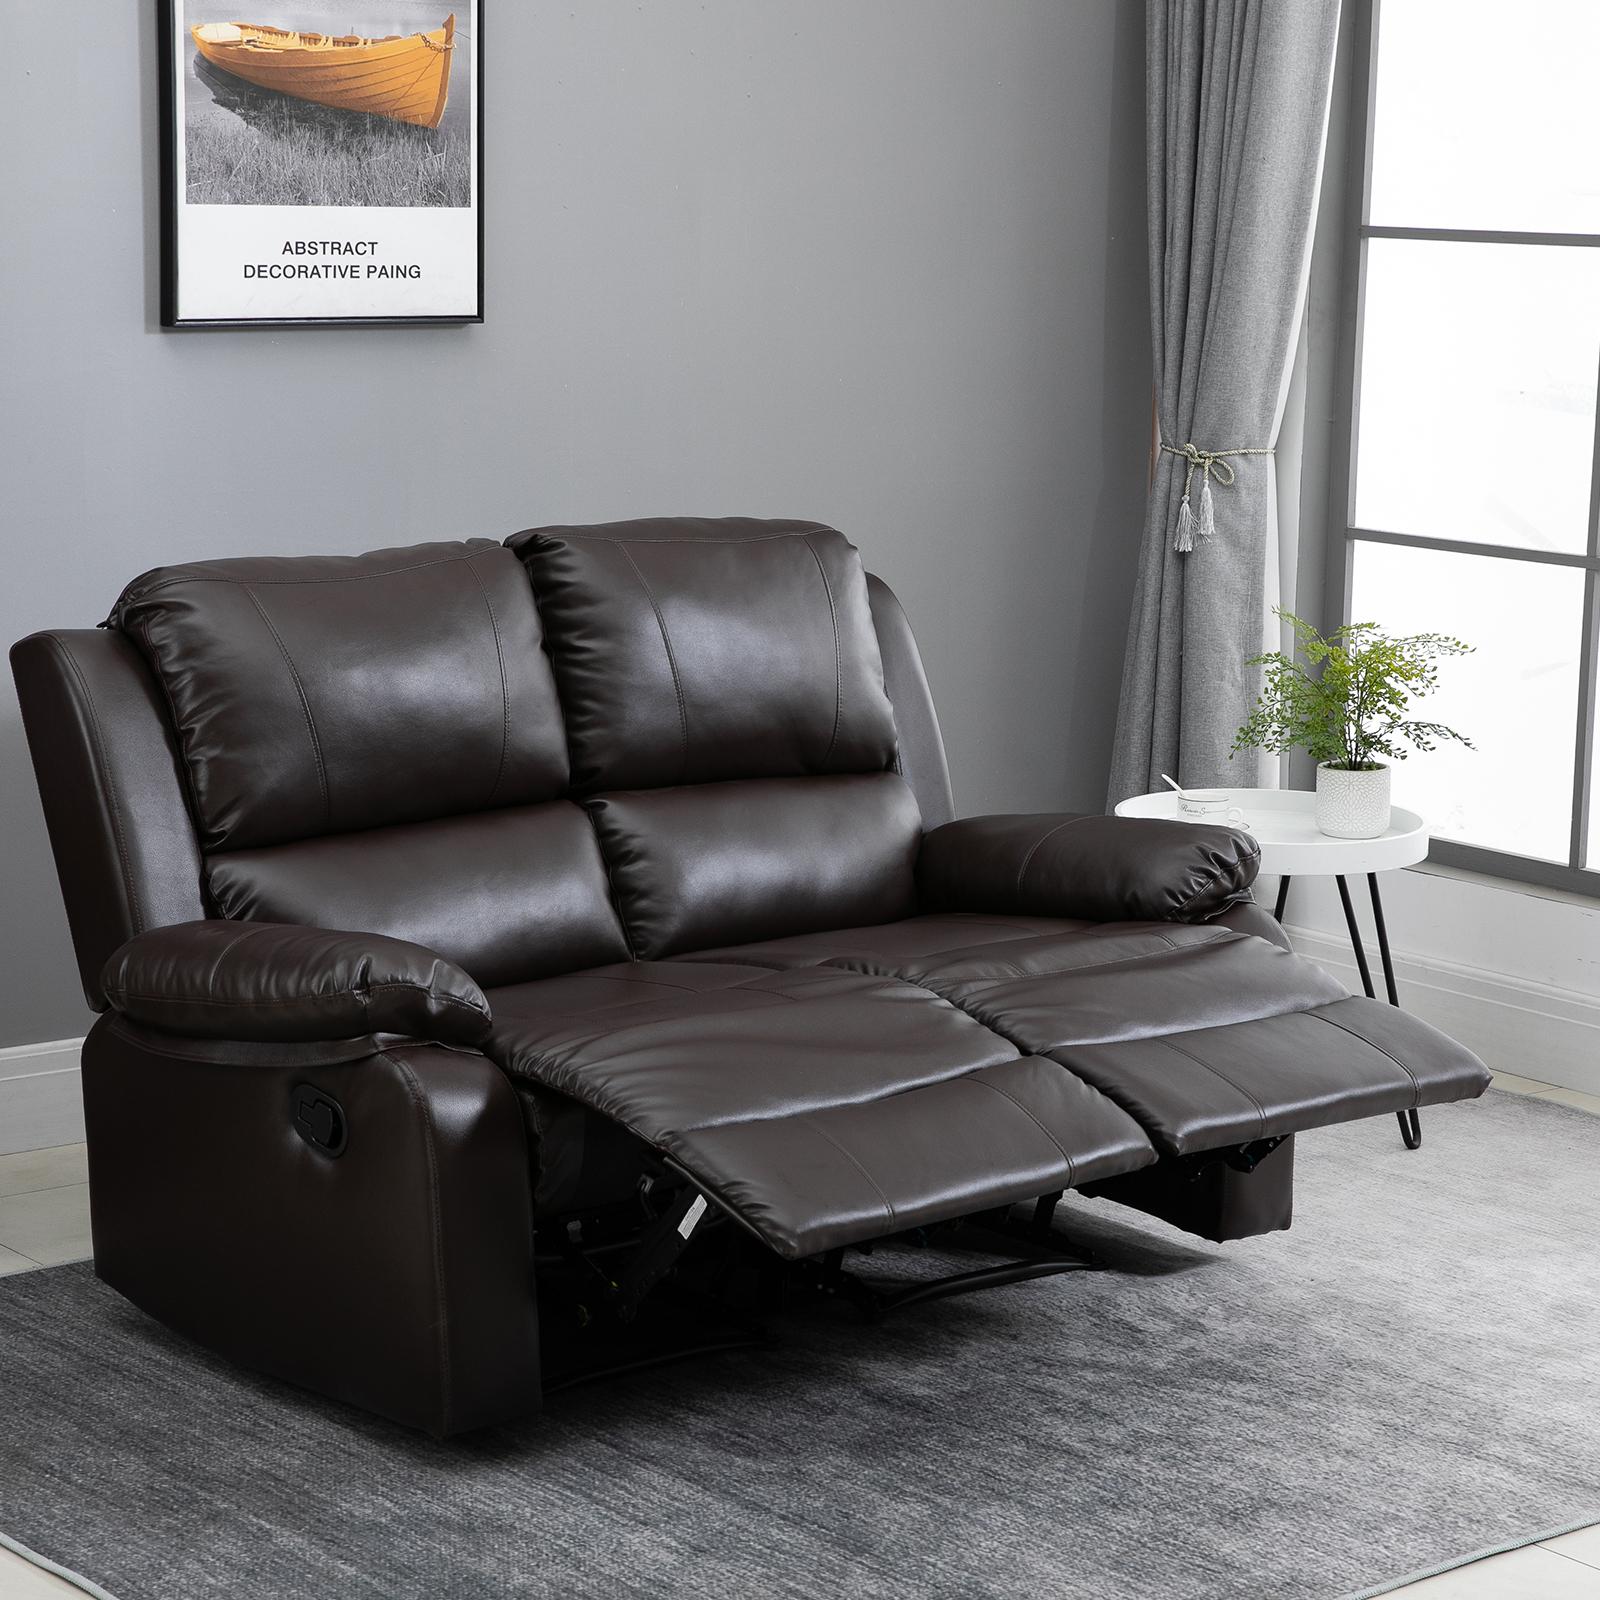 Full Size of Relaxliege Verstellbar Homcom Doppelsofa Relaxsessel Verstellbare Rckenlehnen Sofa Mit Verstellbarer Sitztiefe Wohnzimmer Garten Wohnzimmer Relaxliege Verstellbar